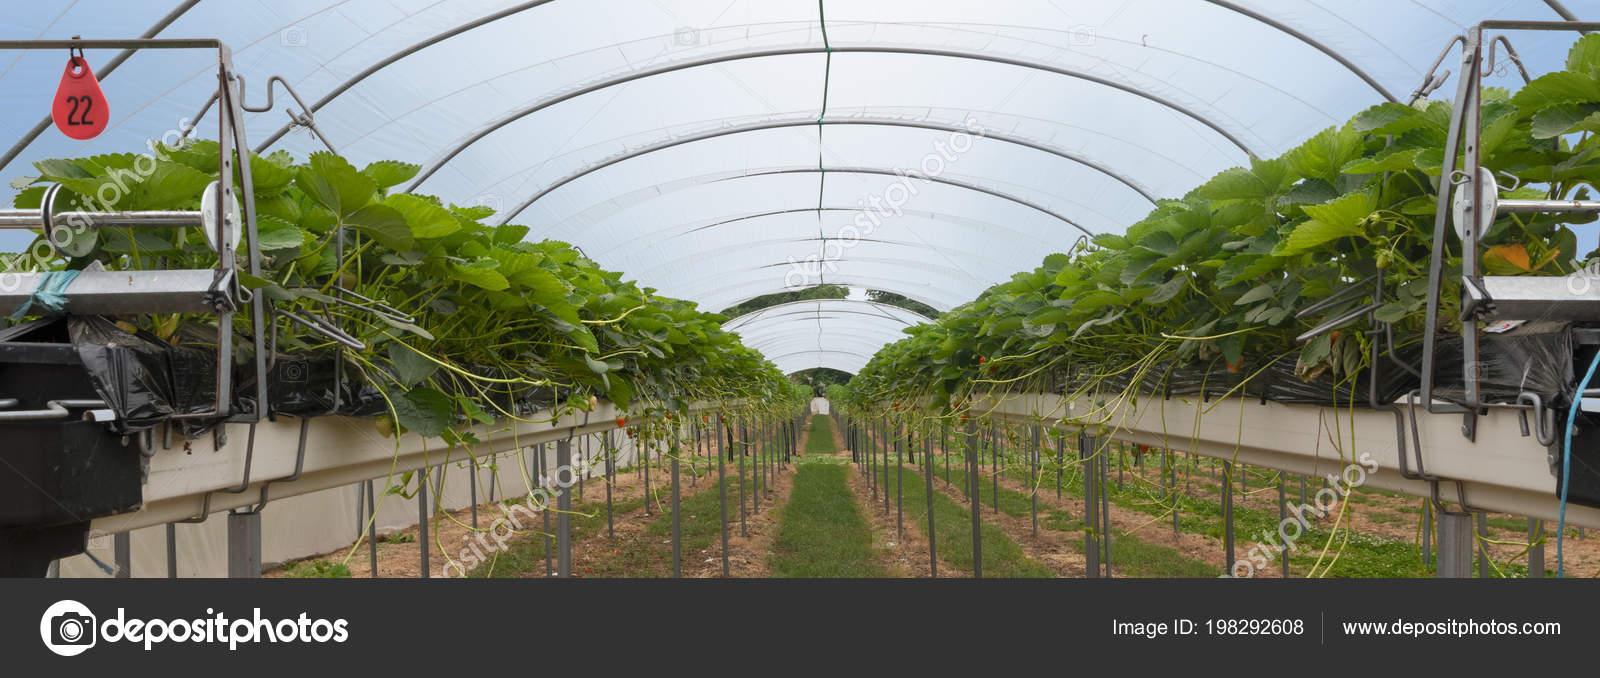 Erdbeere Gewachshaus Mit Hochbeeten Automatische Bewasserung Und